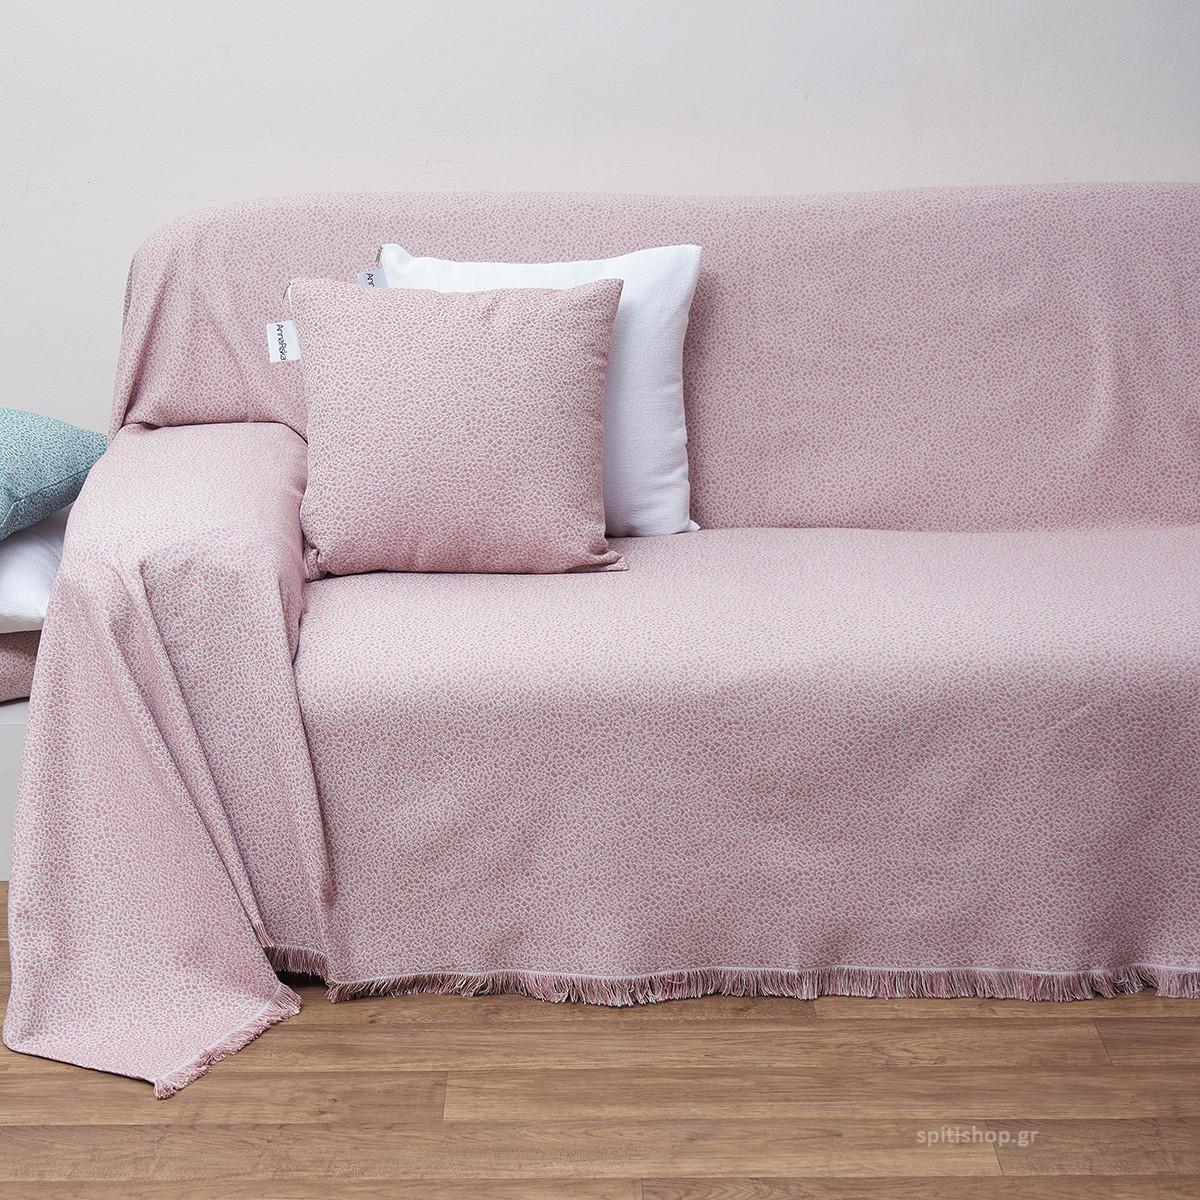 Ριχτάρι Τριθέσιου (180×280) Anna Riska Des 1554 Blush Pink